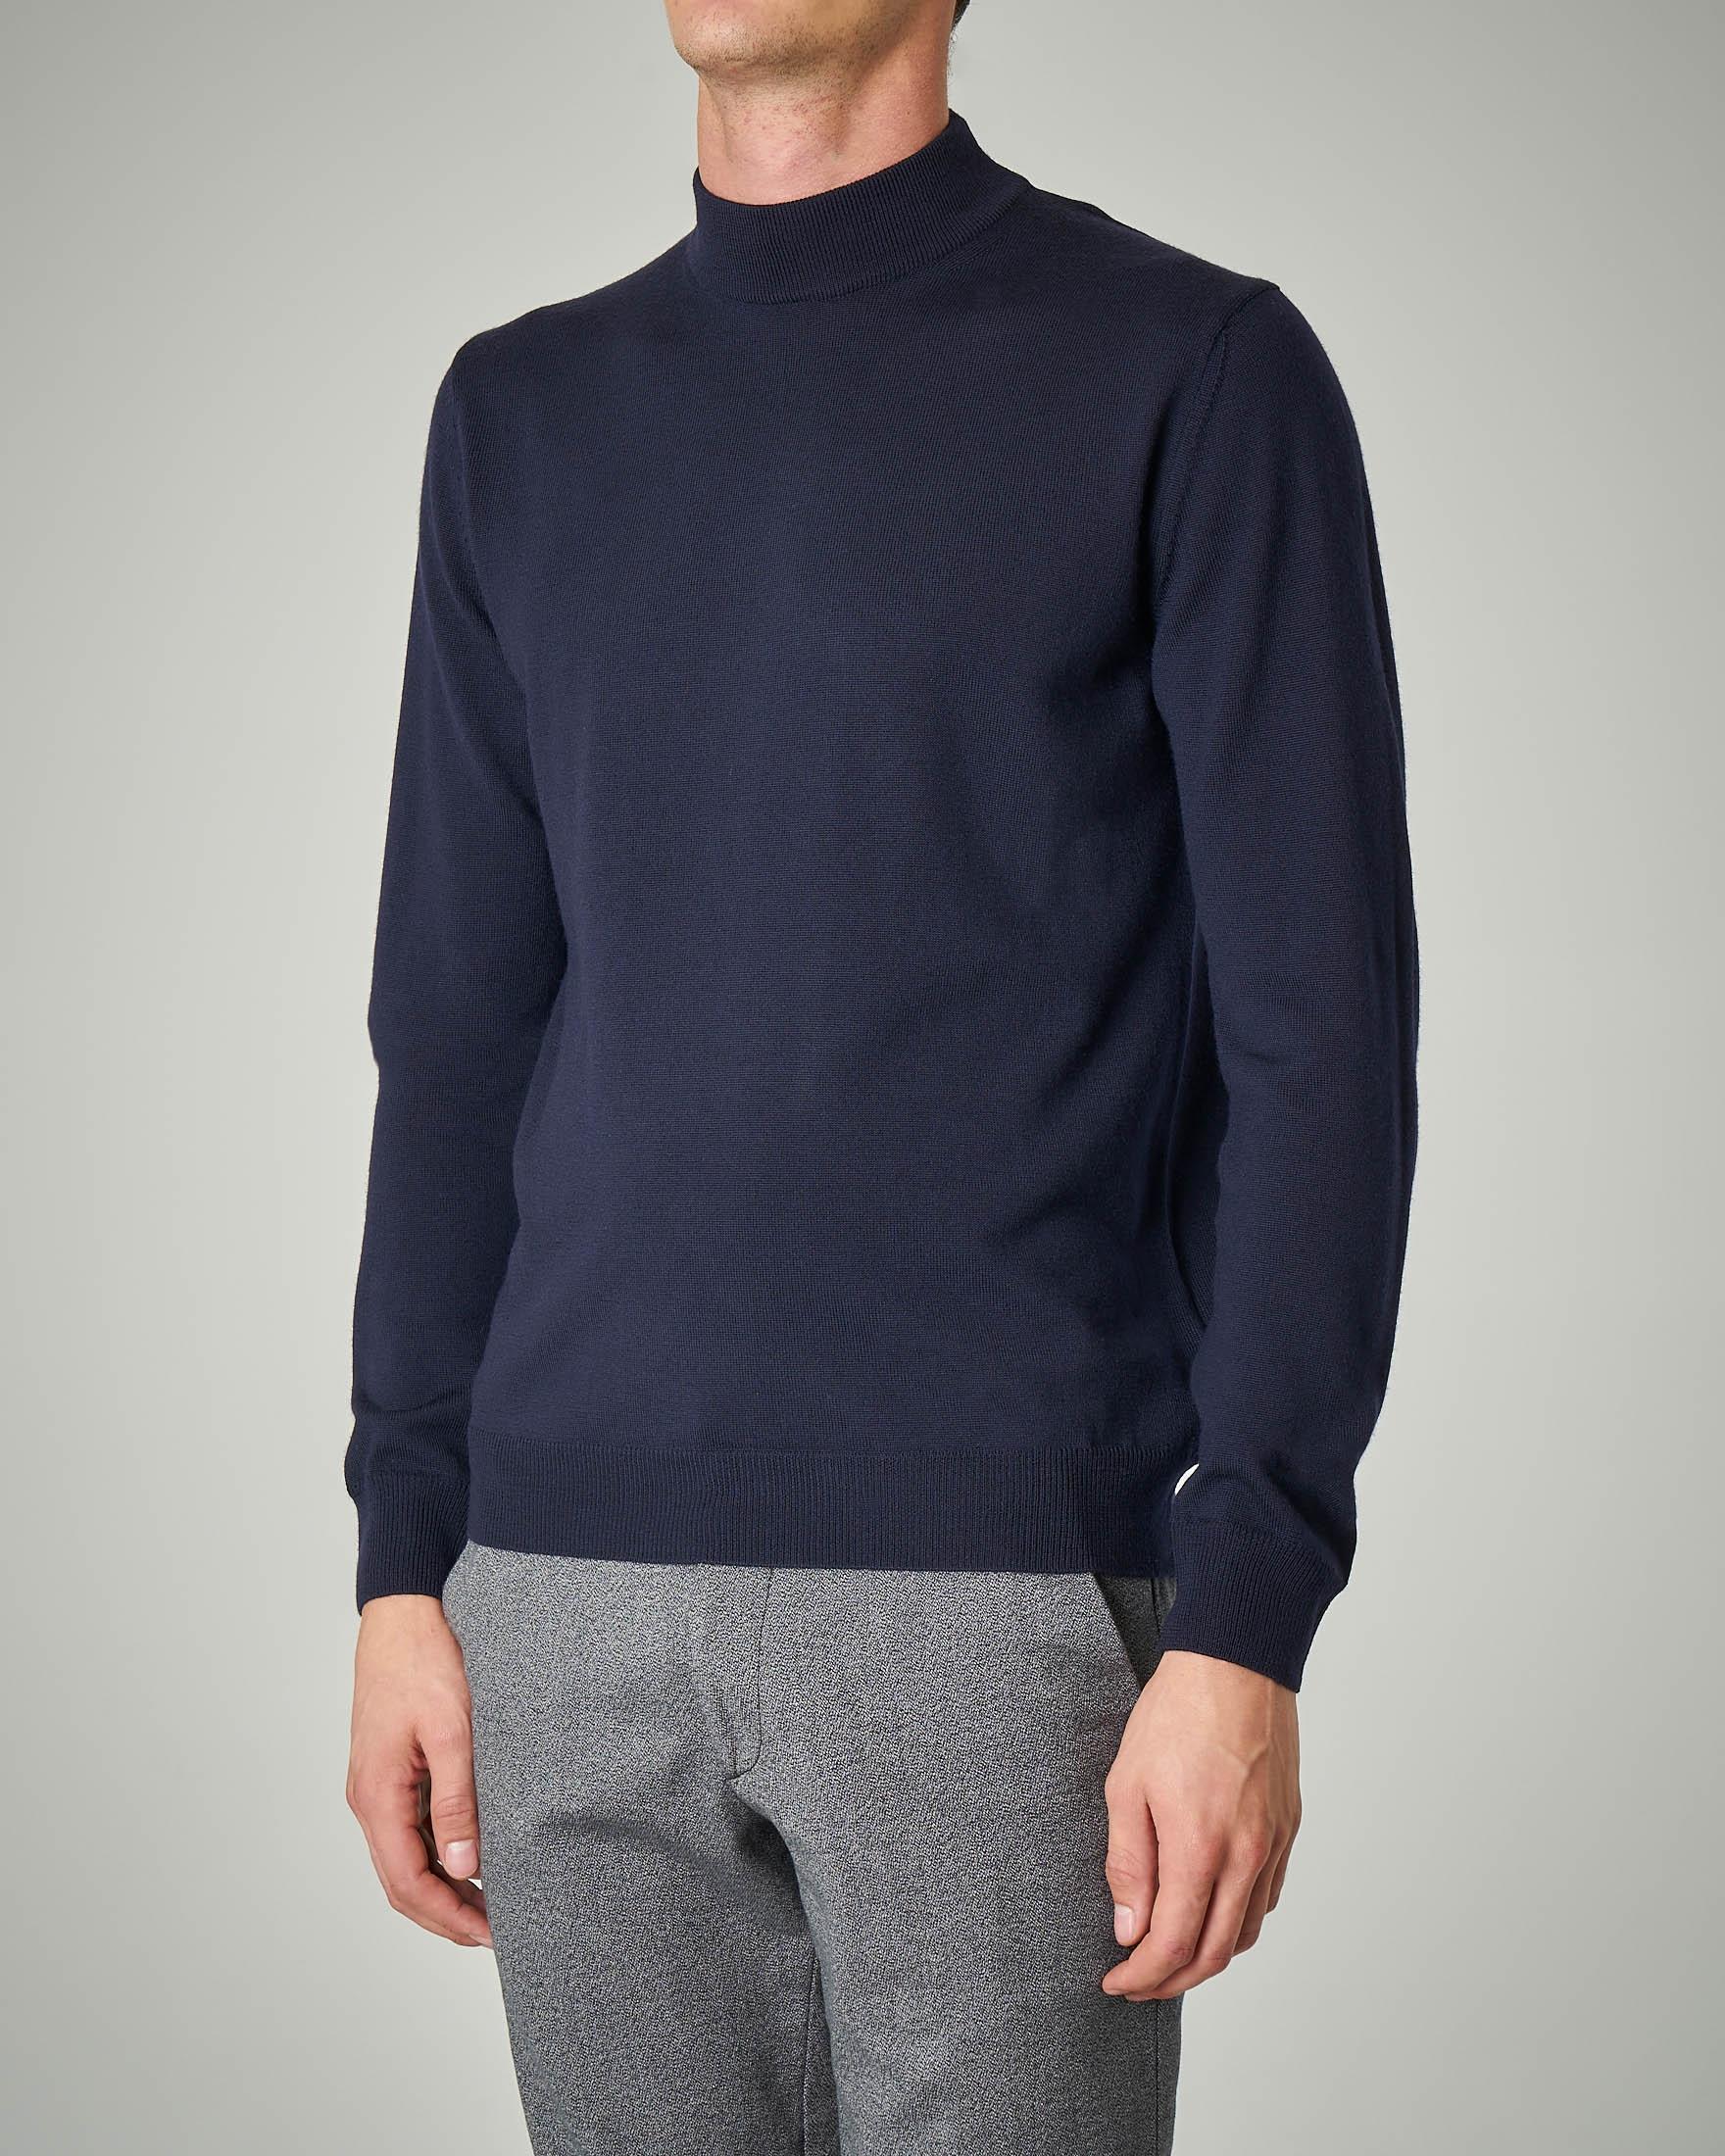 Lupetto blu in lana merino